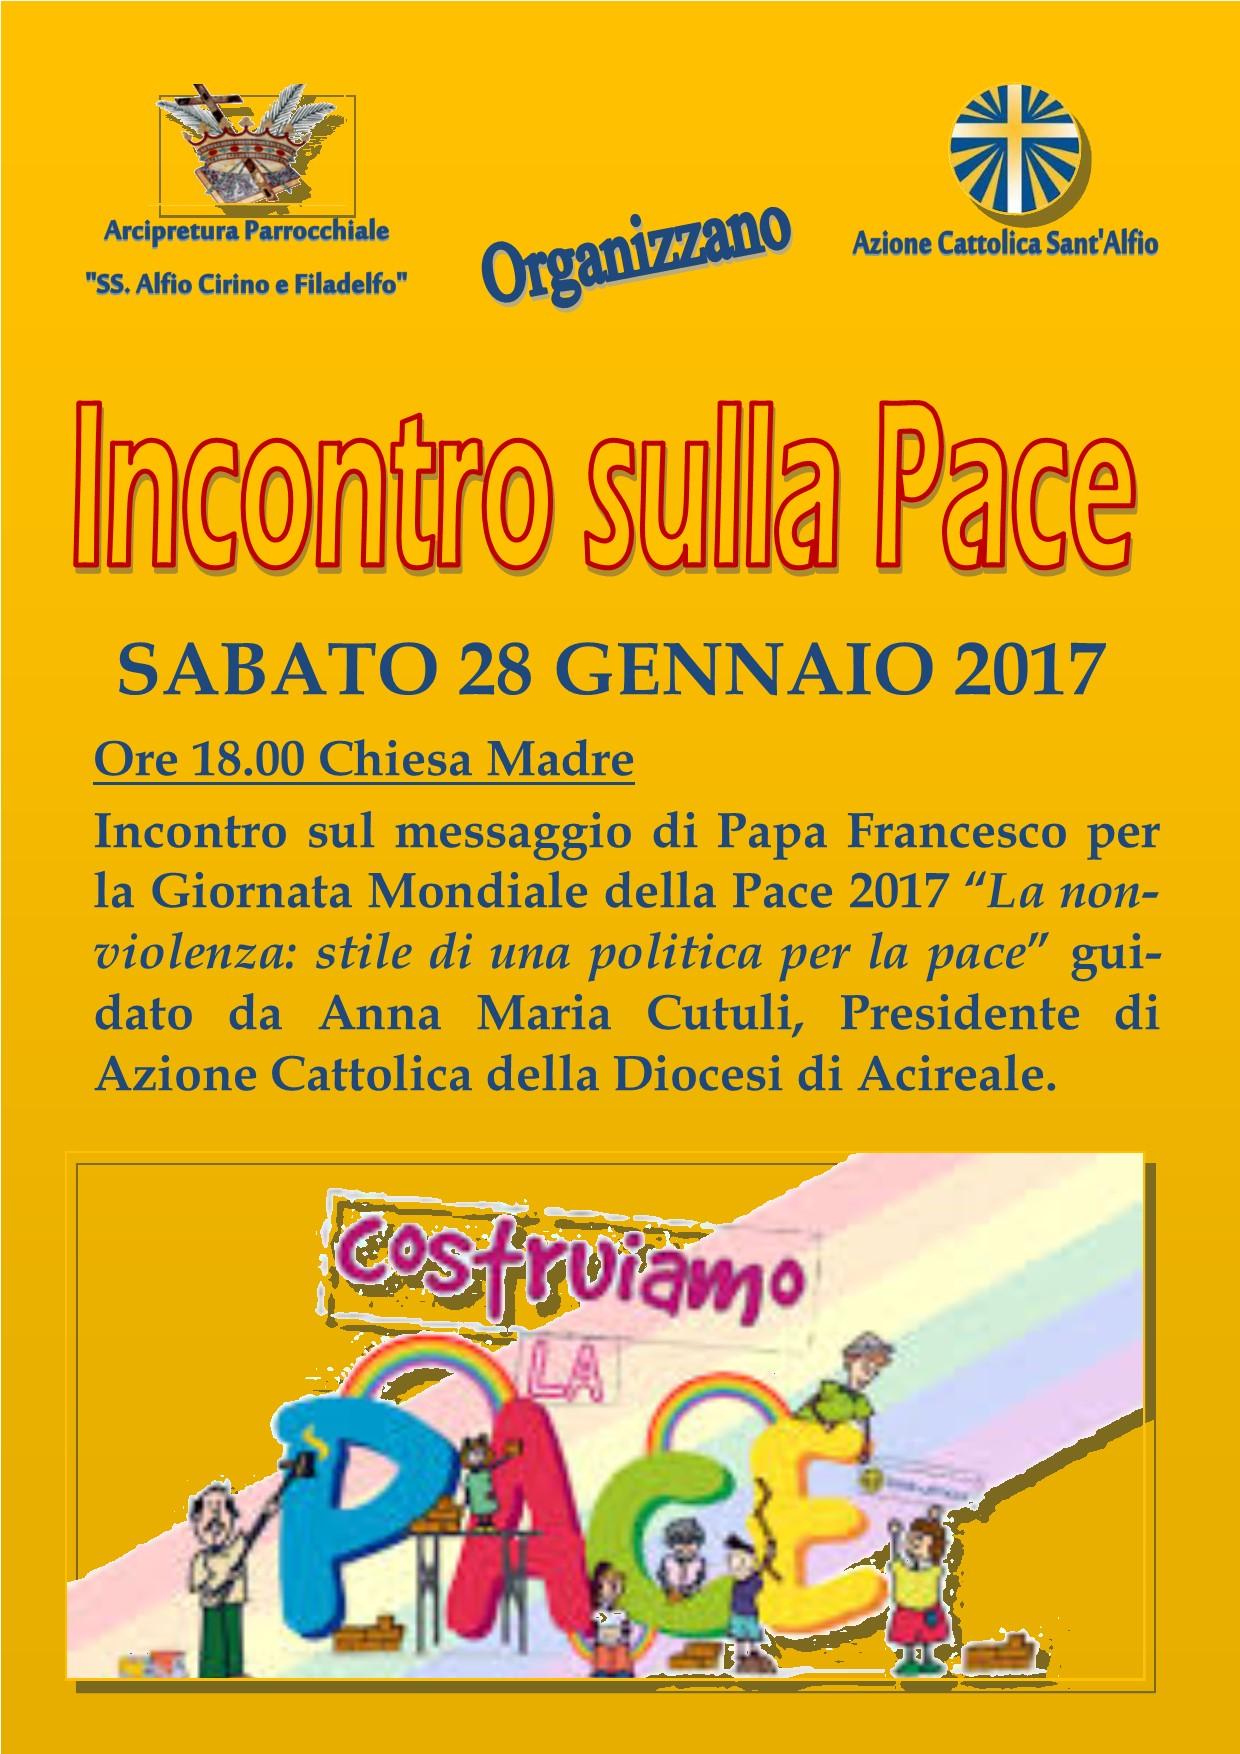 Un incontro sulla Pace a Sant'Alfio